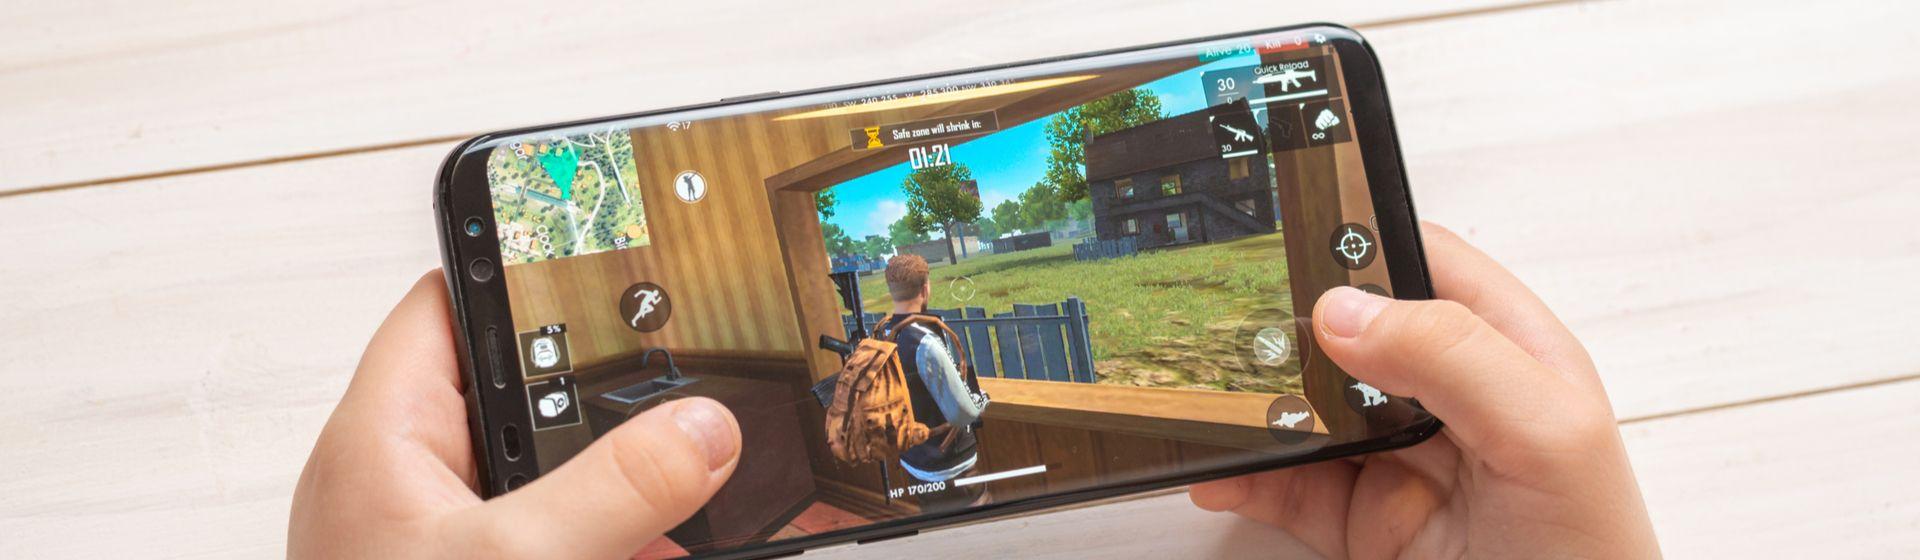 Melhores celulares para jogar Free Fire: veja opções